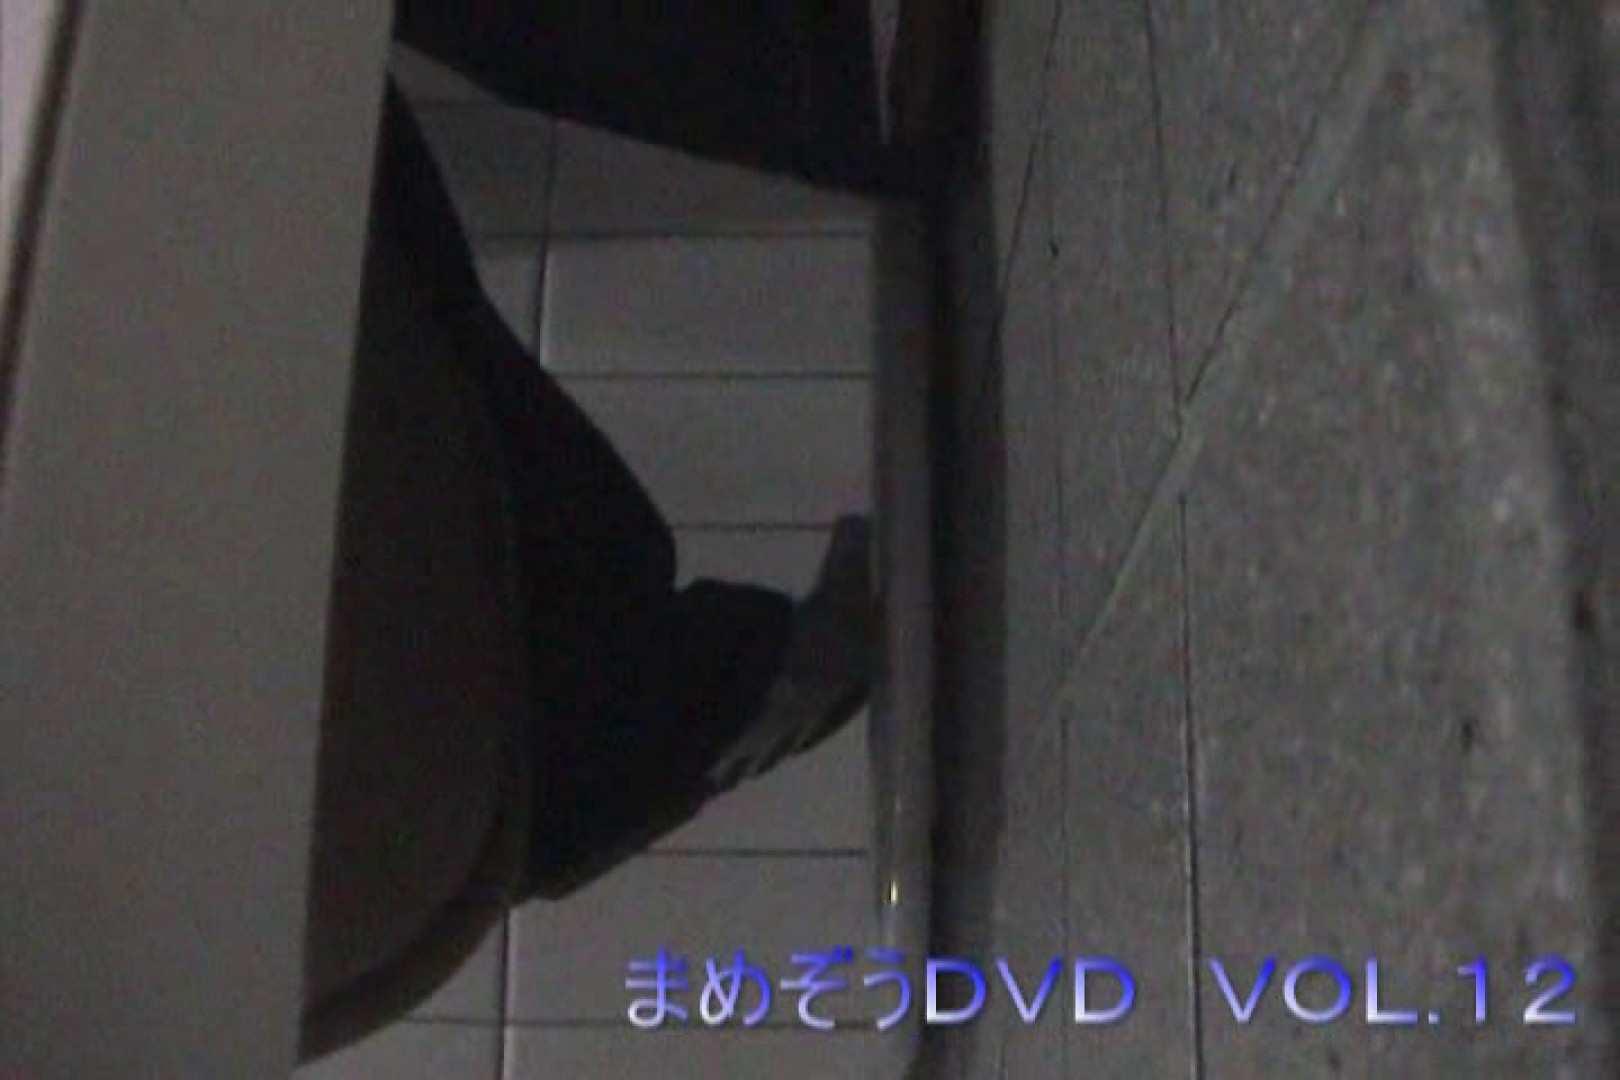 まめぞうDVD完全版VOL.12 OL   ギャル・コレクション  63連発 60